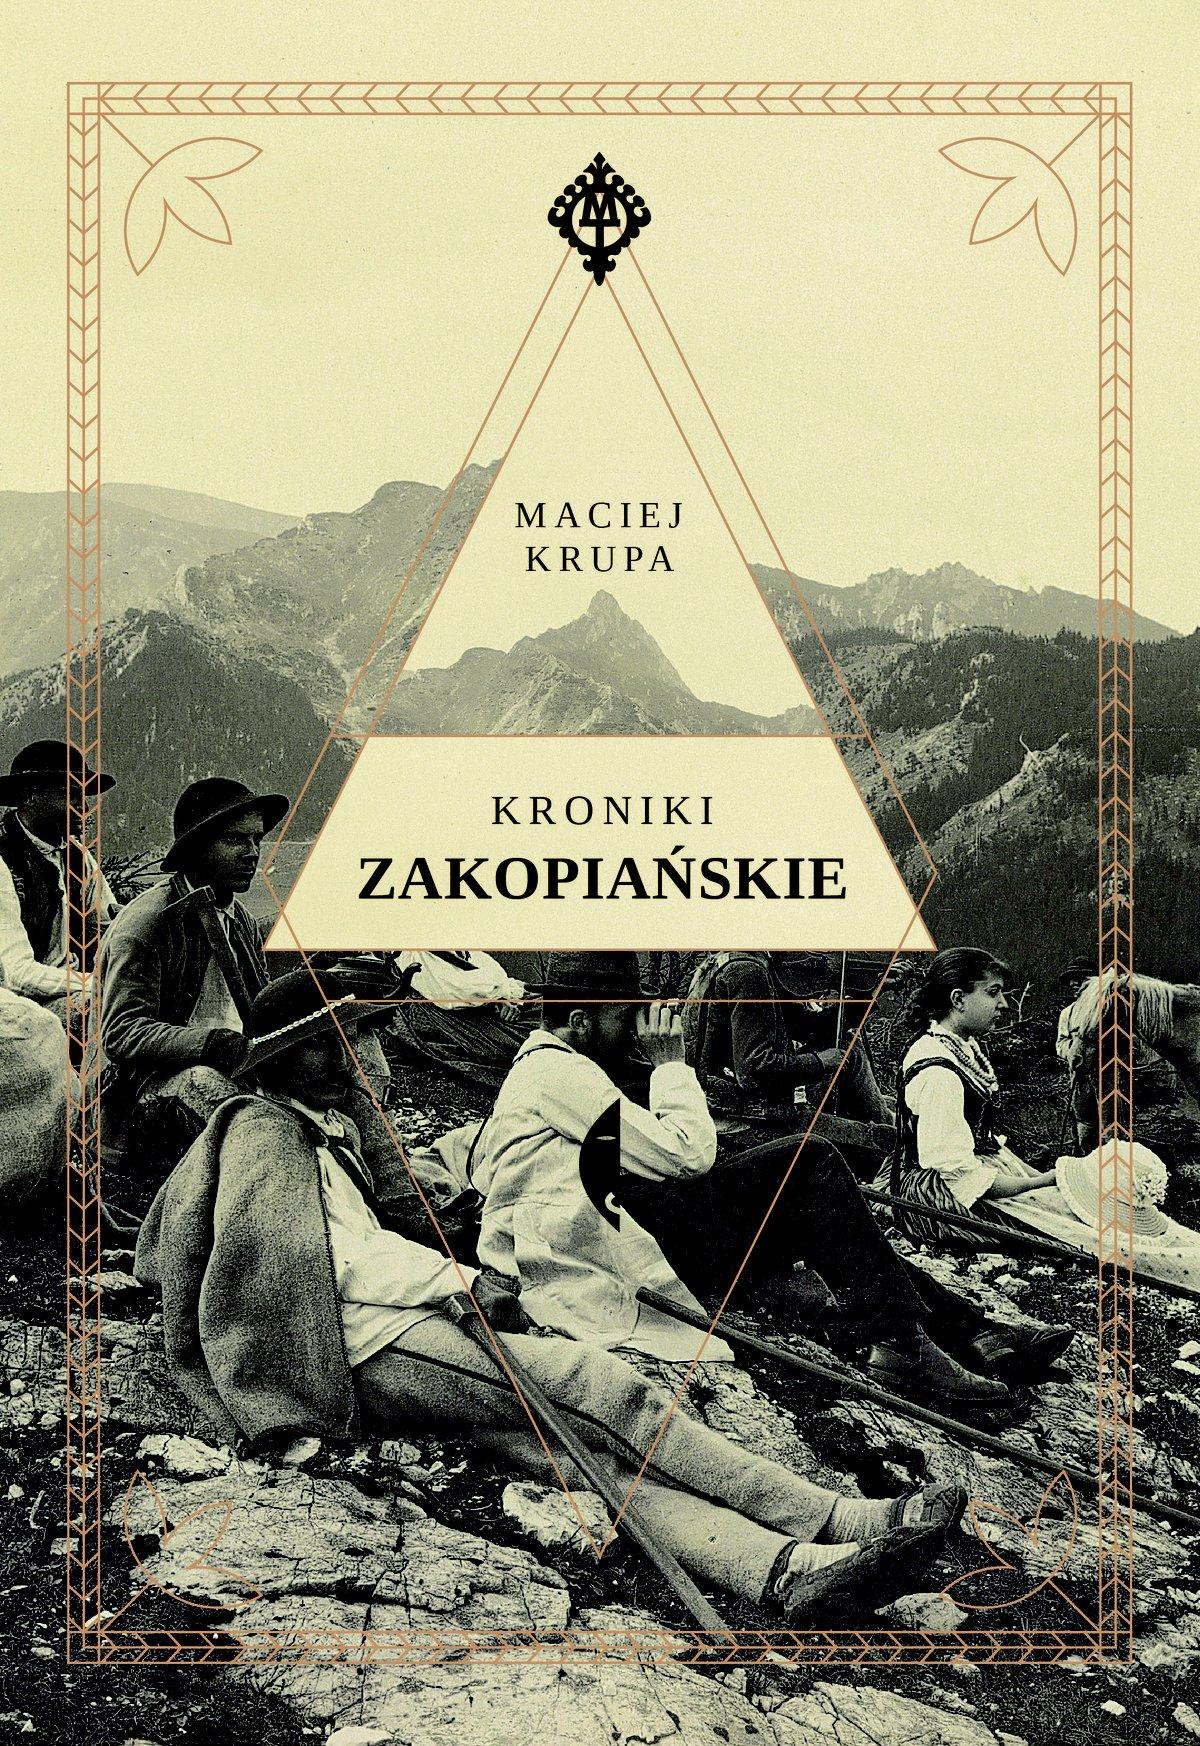 Kroniki zakopiańskie - Ebook (Książka EPUB) do pobrania w formacie EPUB